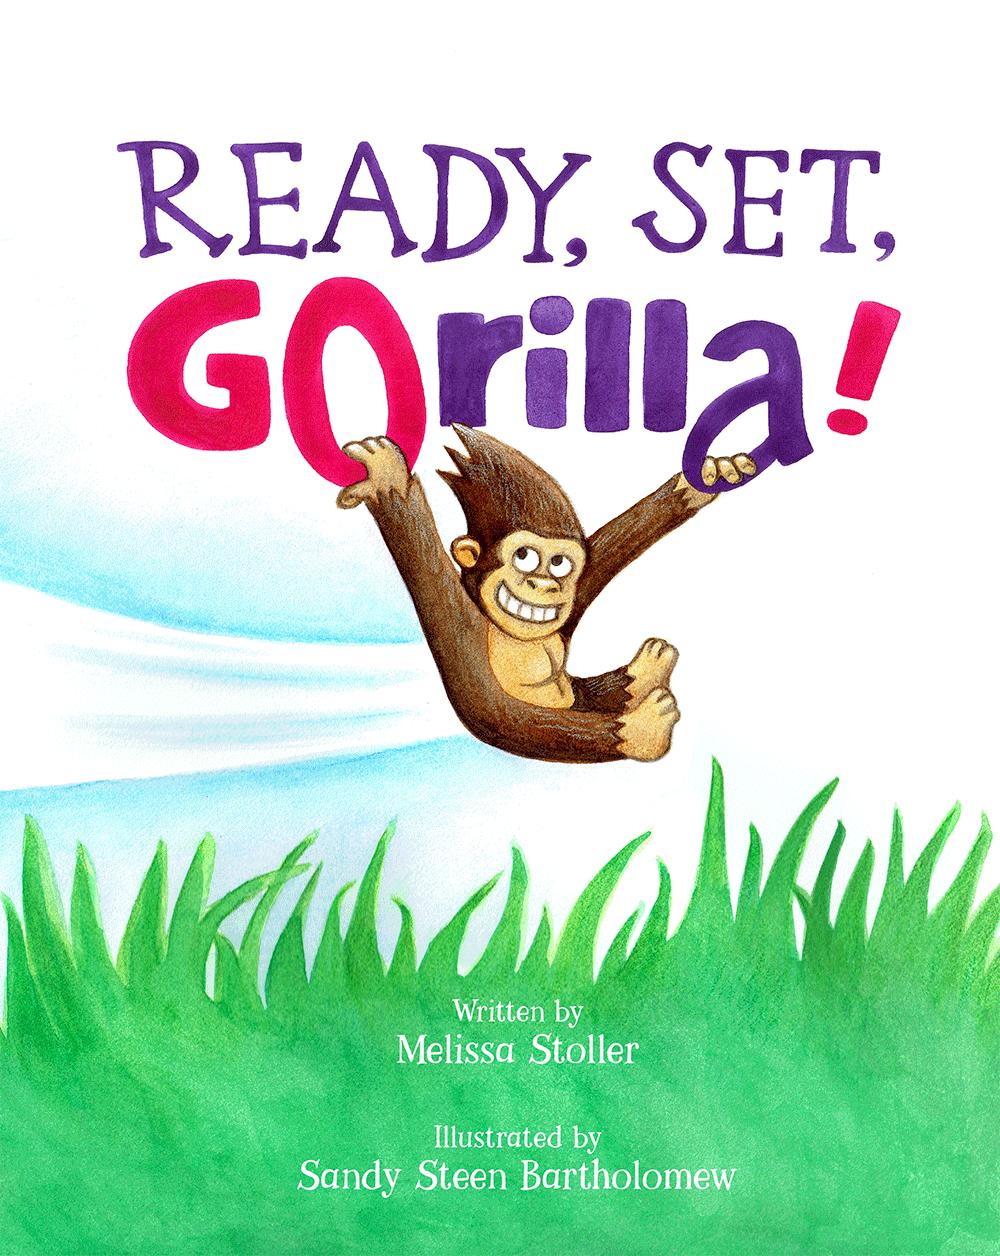 Ready-Set-GOrilla-Cover-72dpi-original